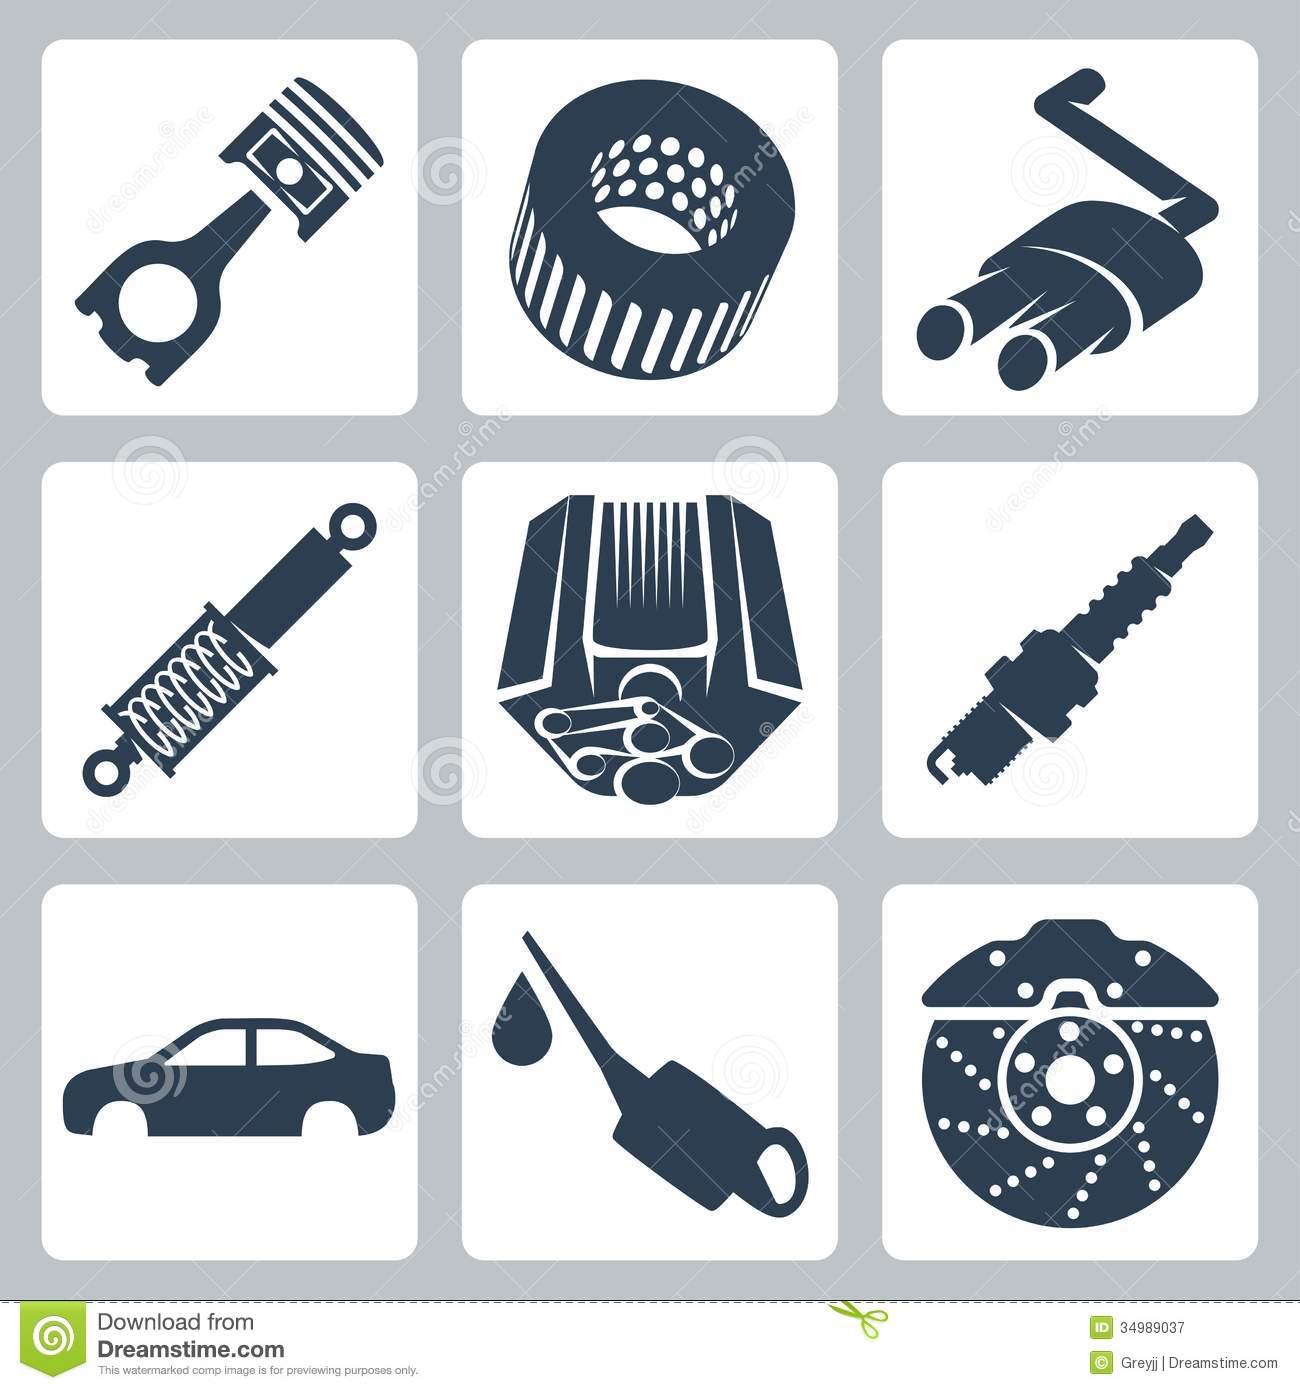 Similiar Car Body Parts Clip Art Keywords.